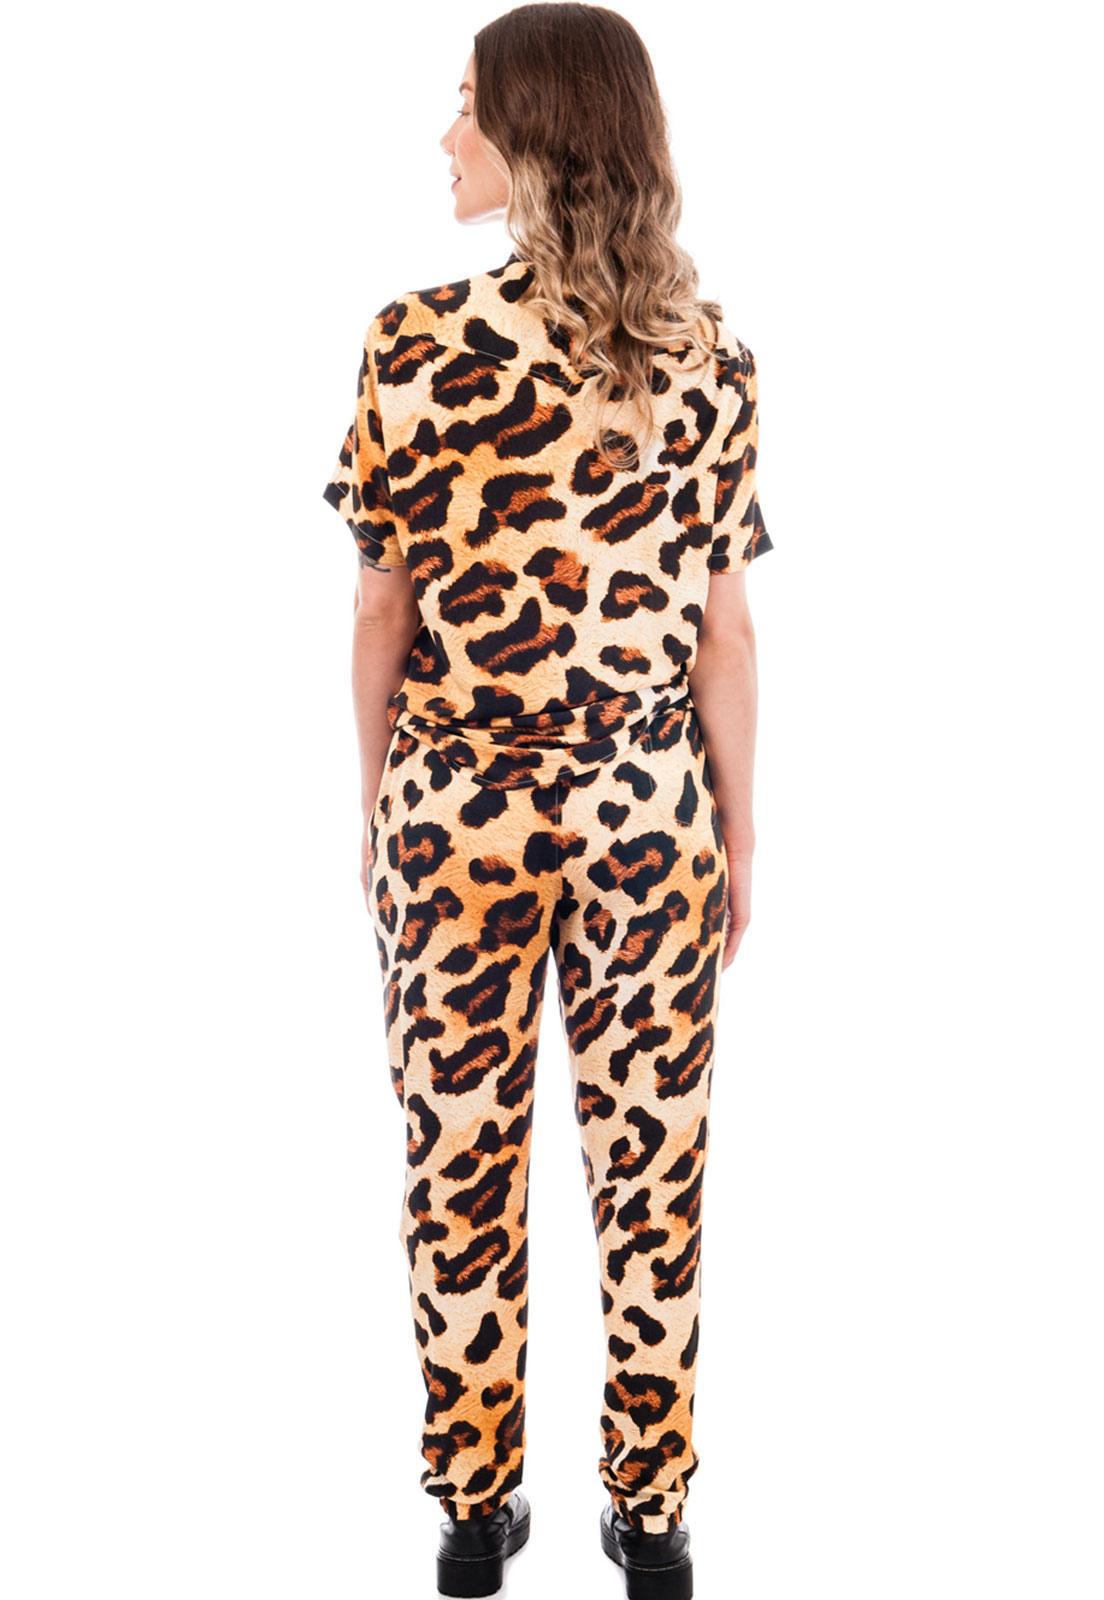 Calça Oncinha Estampada Viscose Animal Print Unissex Amarelo